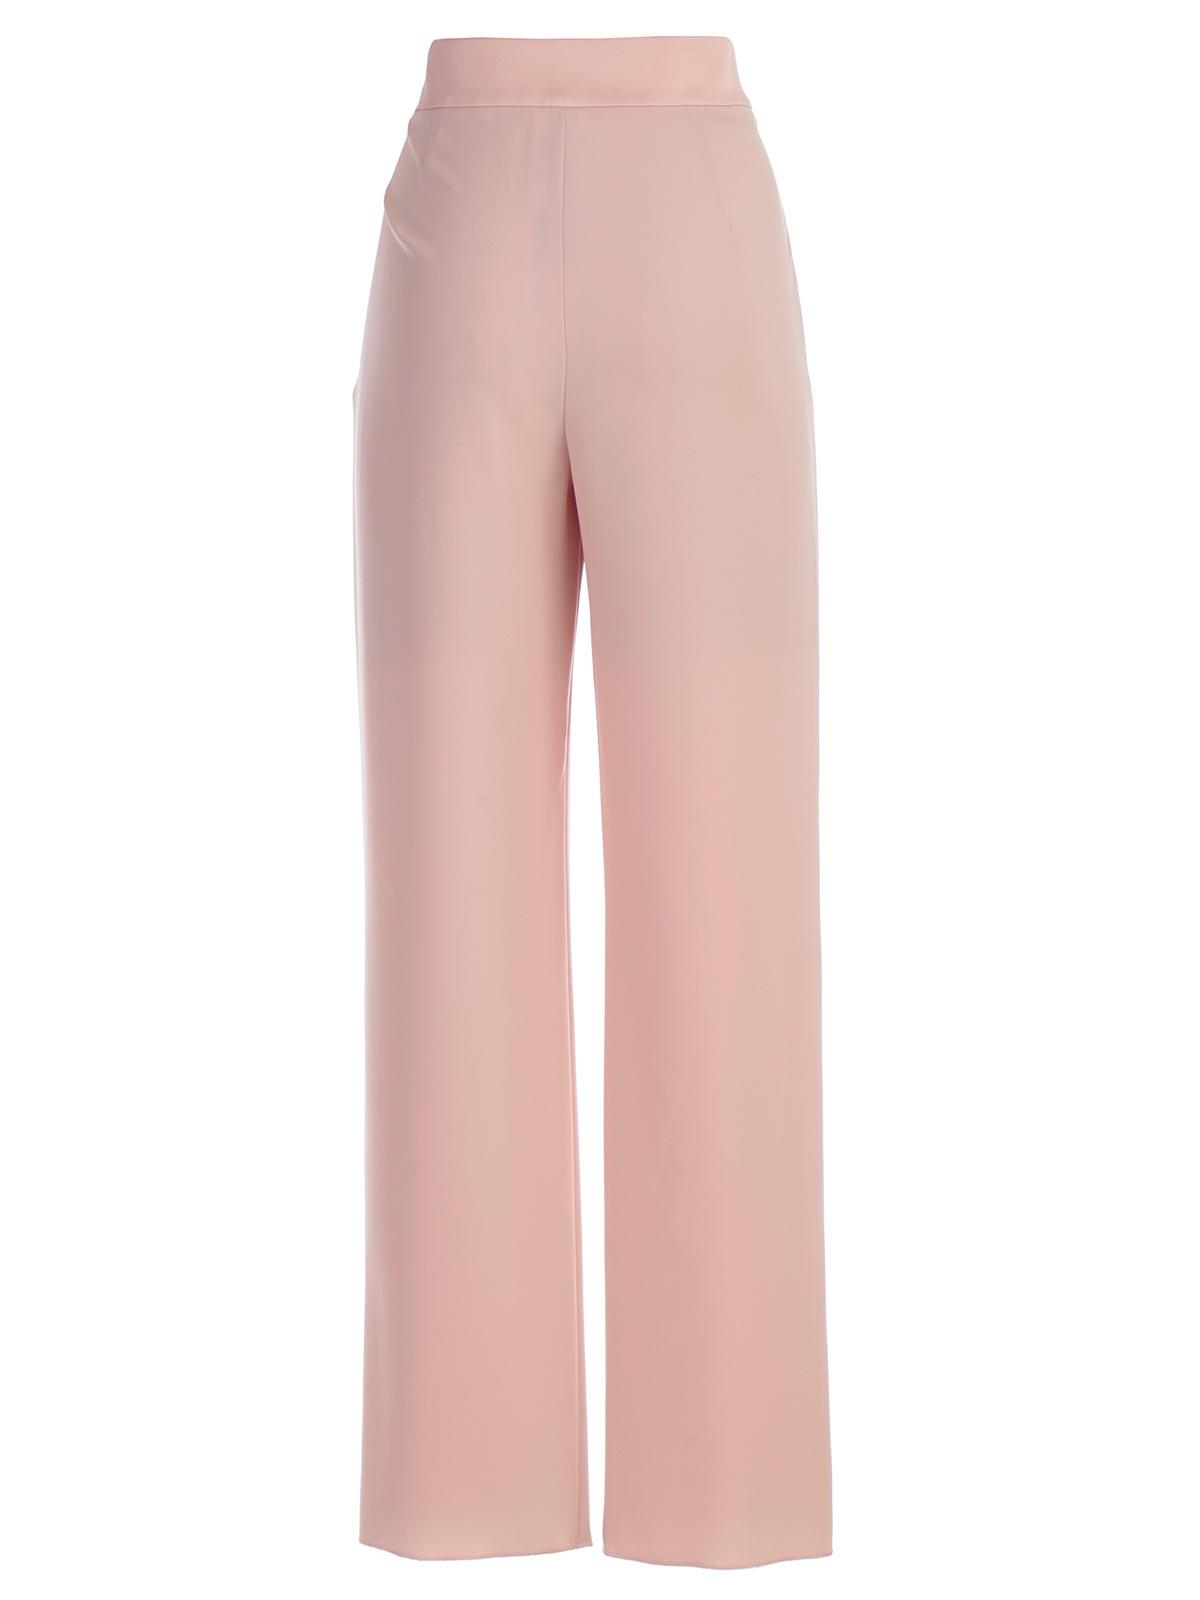 Picture of Emporio Armani Trousers